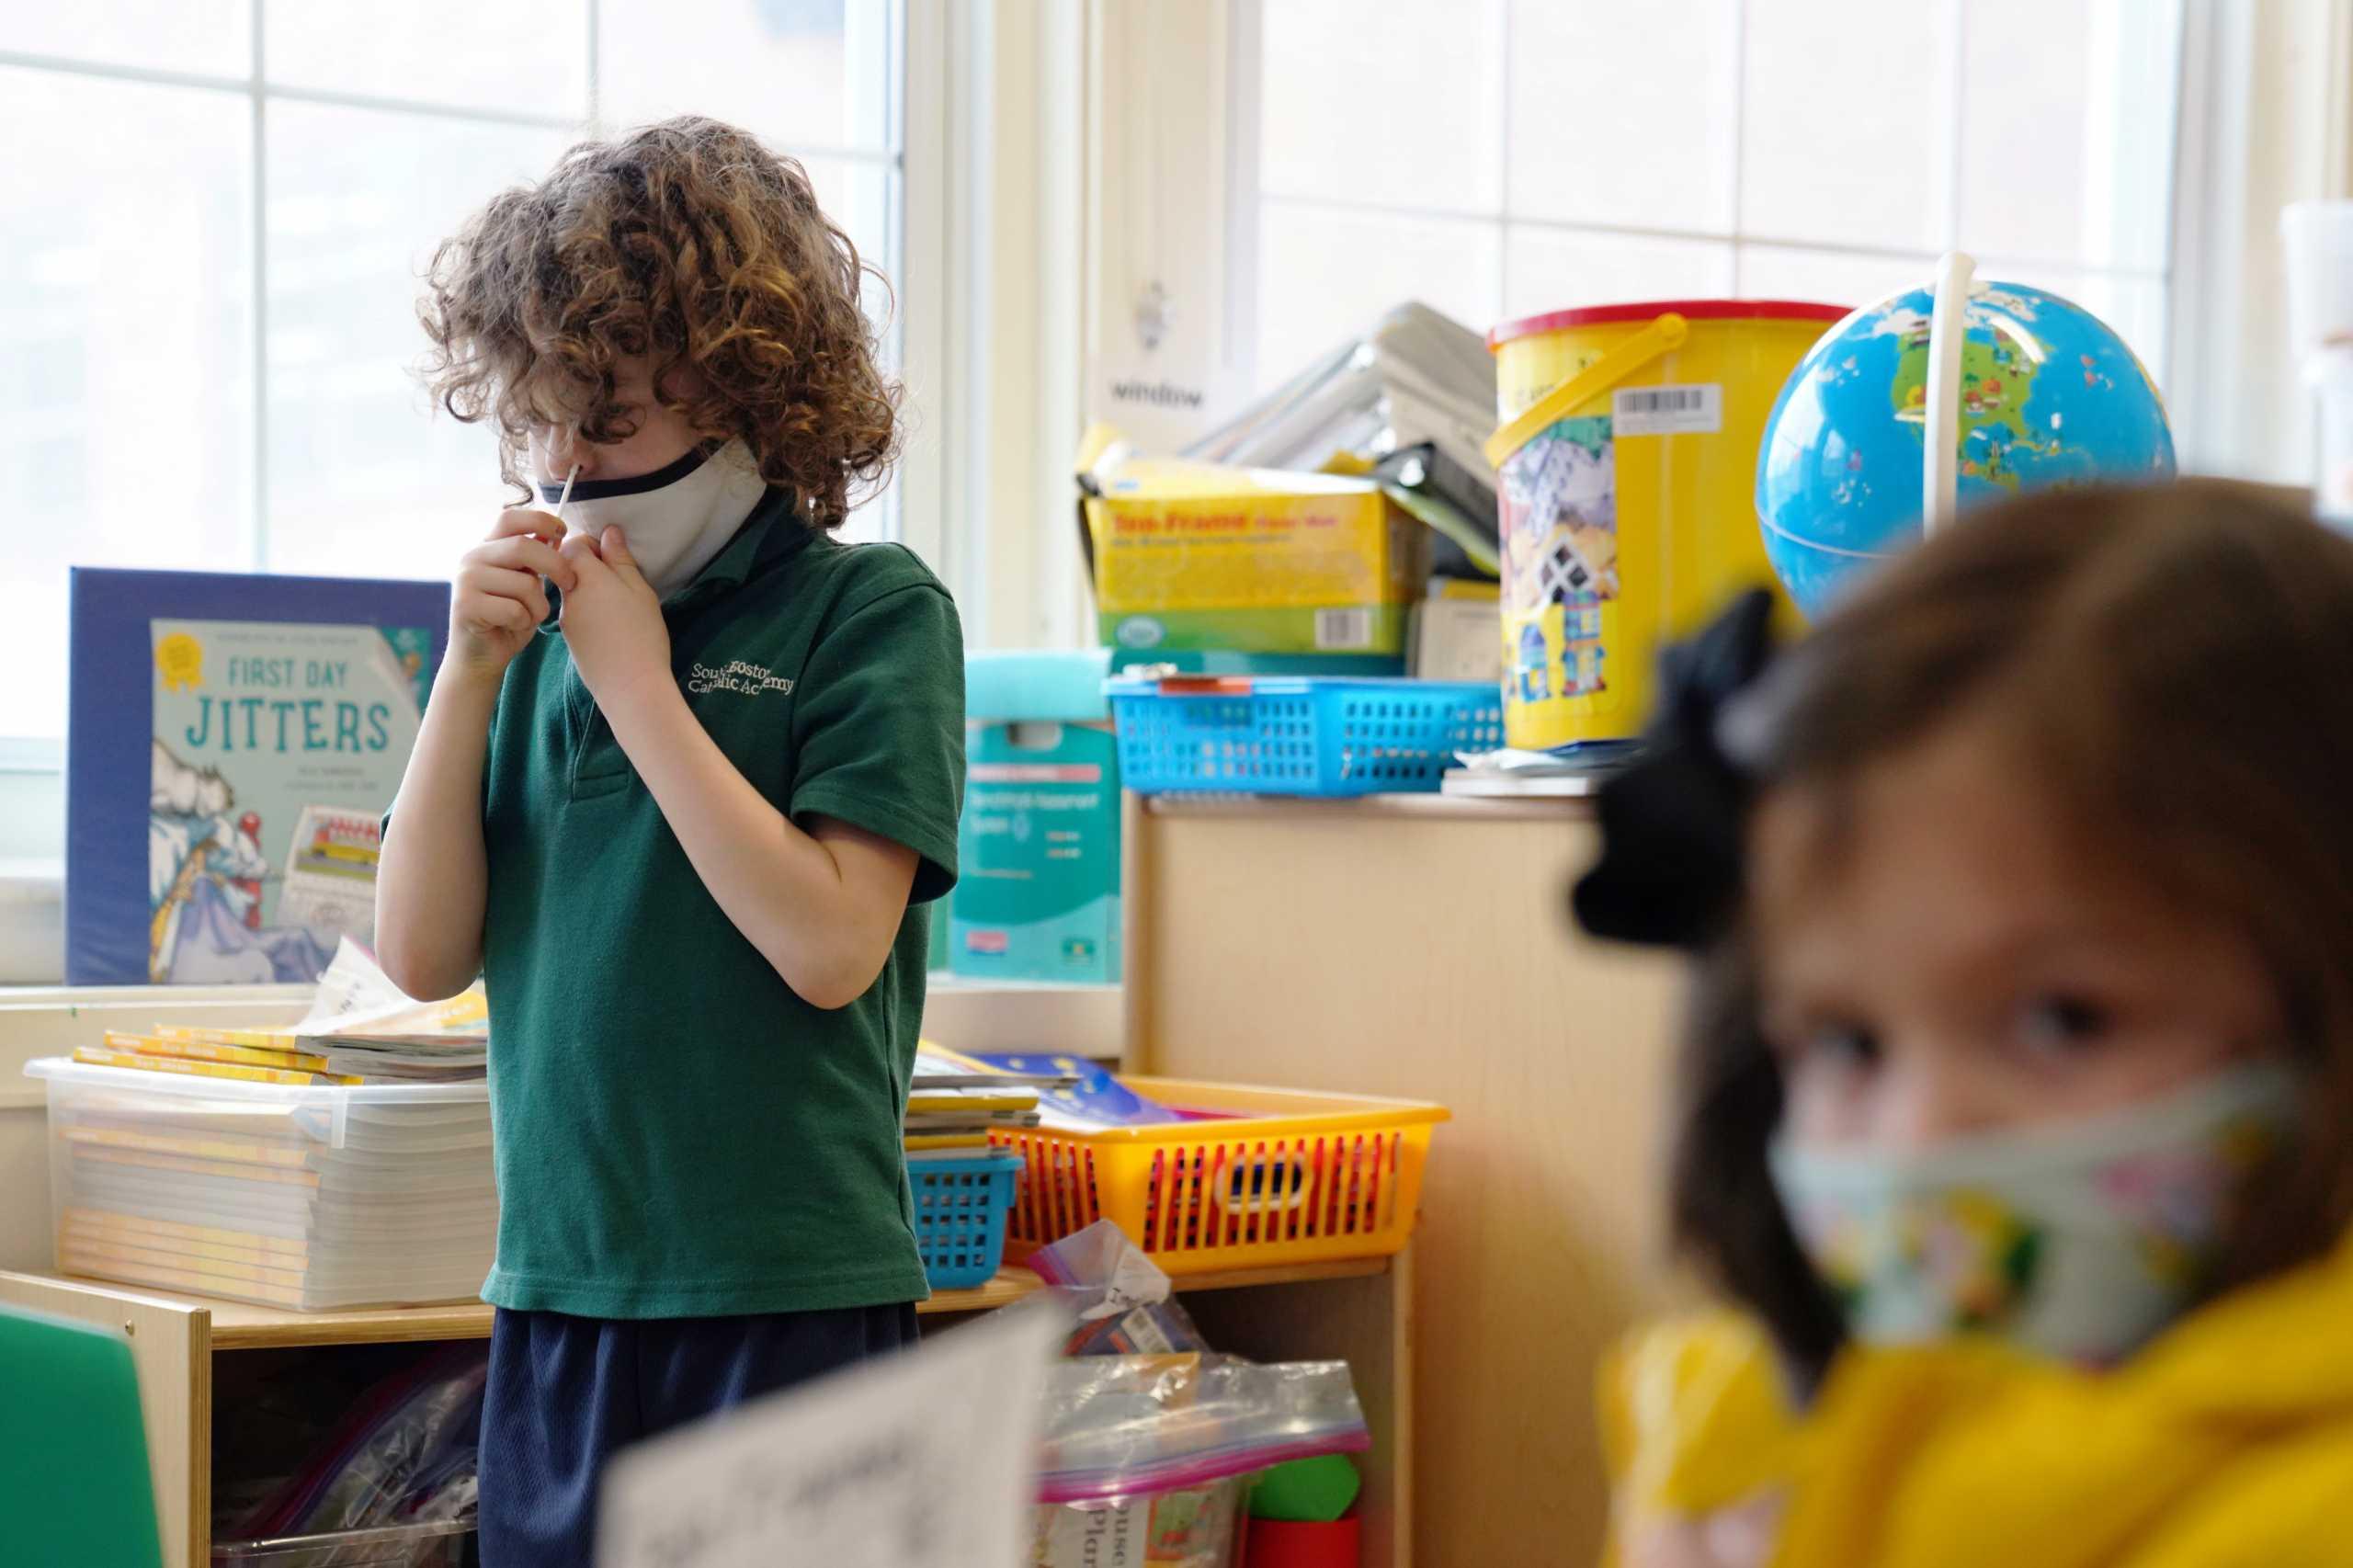 Κορονοϊός – Έρευνα: Ακόμη και τα παιδιά μπορεί να νοσούν για μήνες με επίμονα συμπτώματα